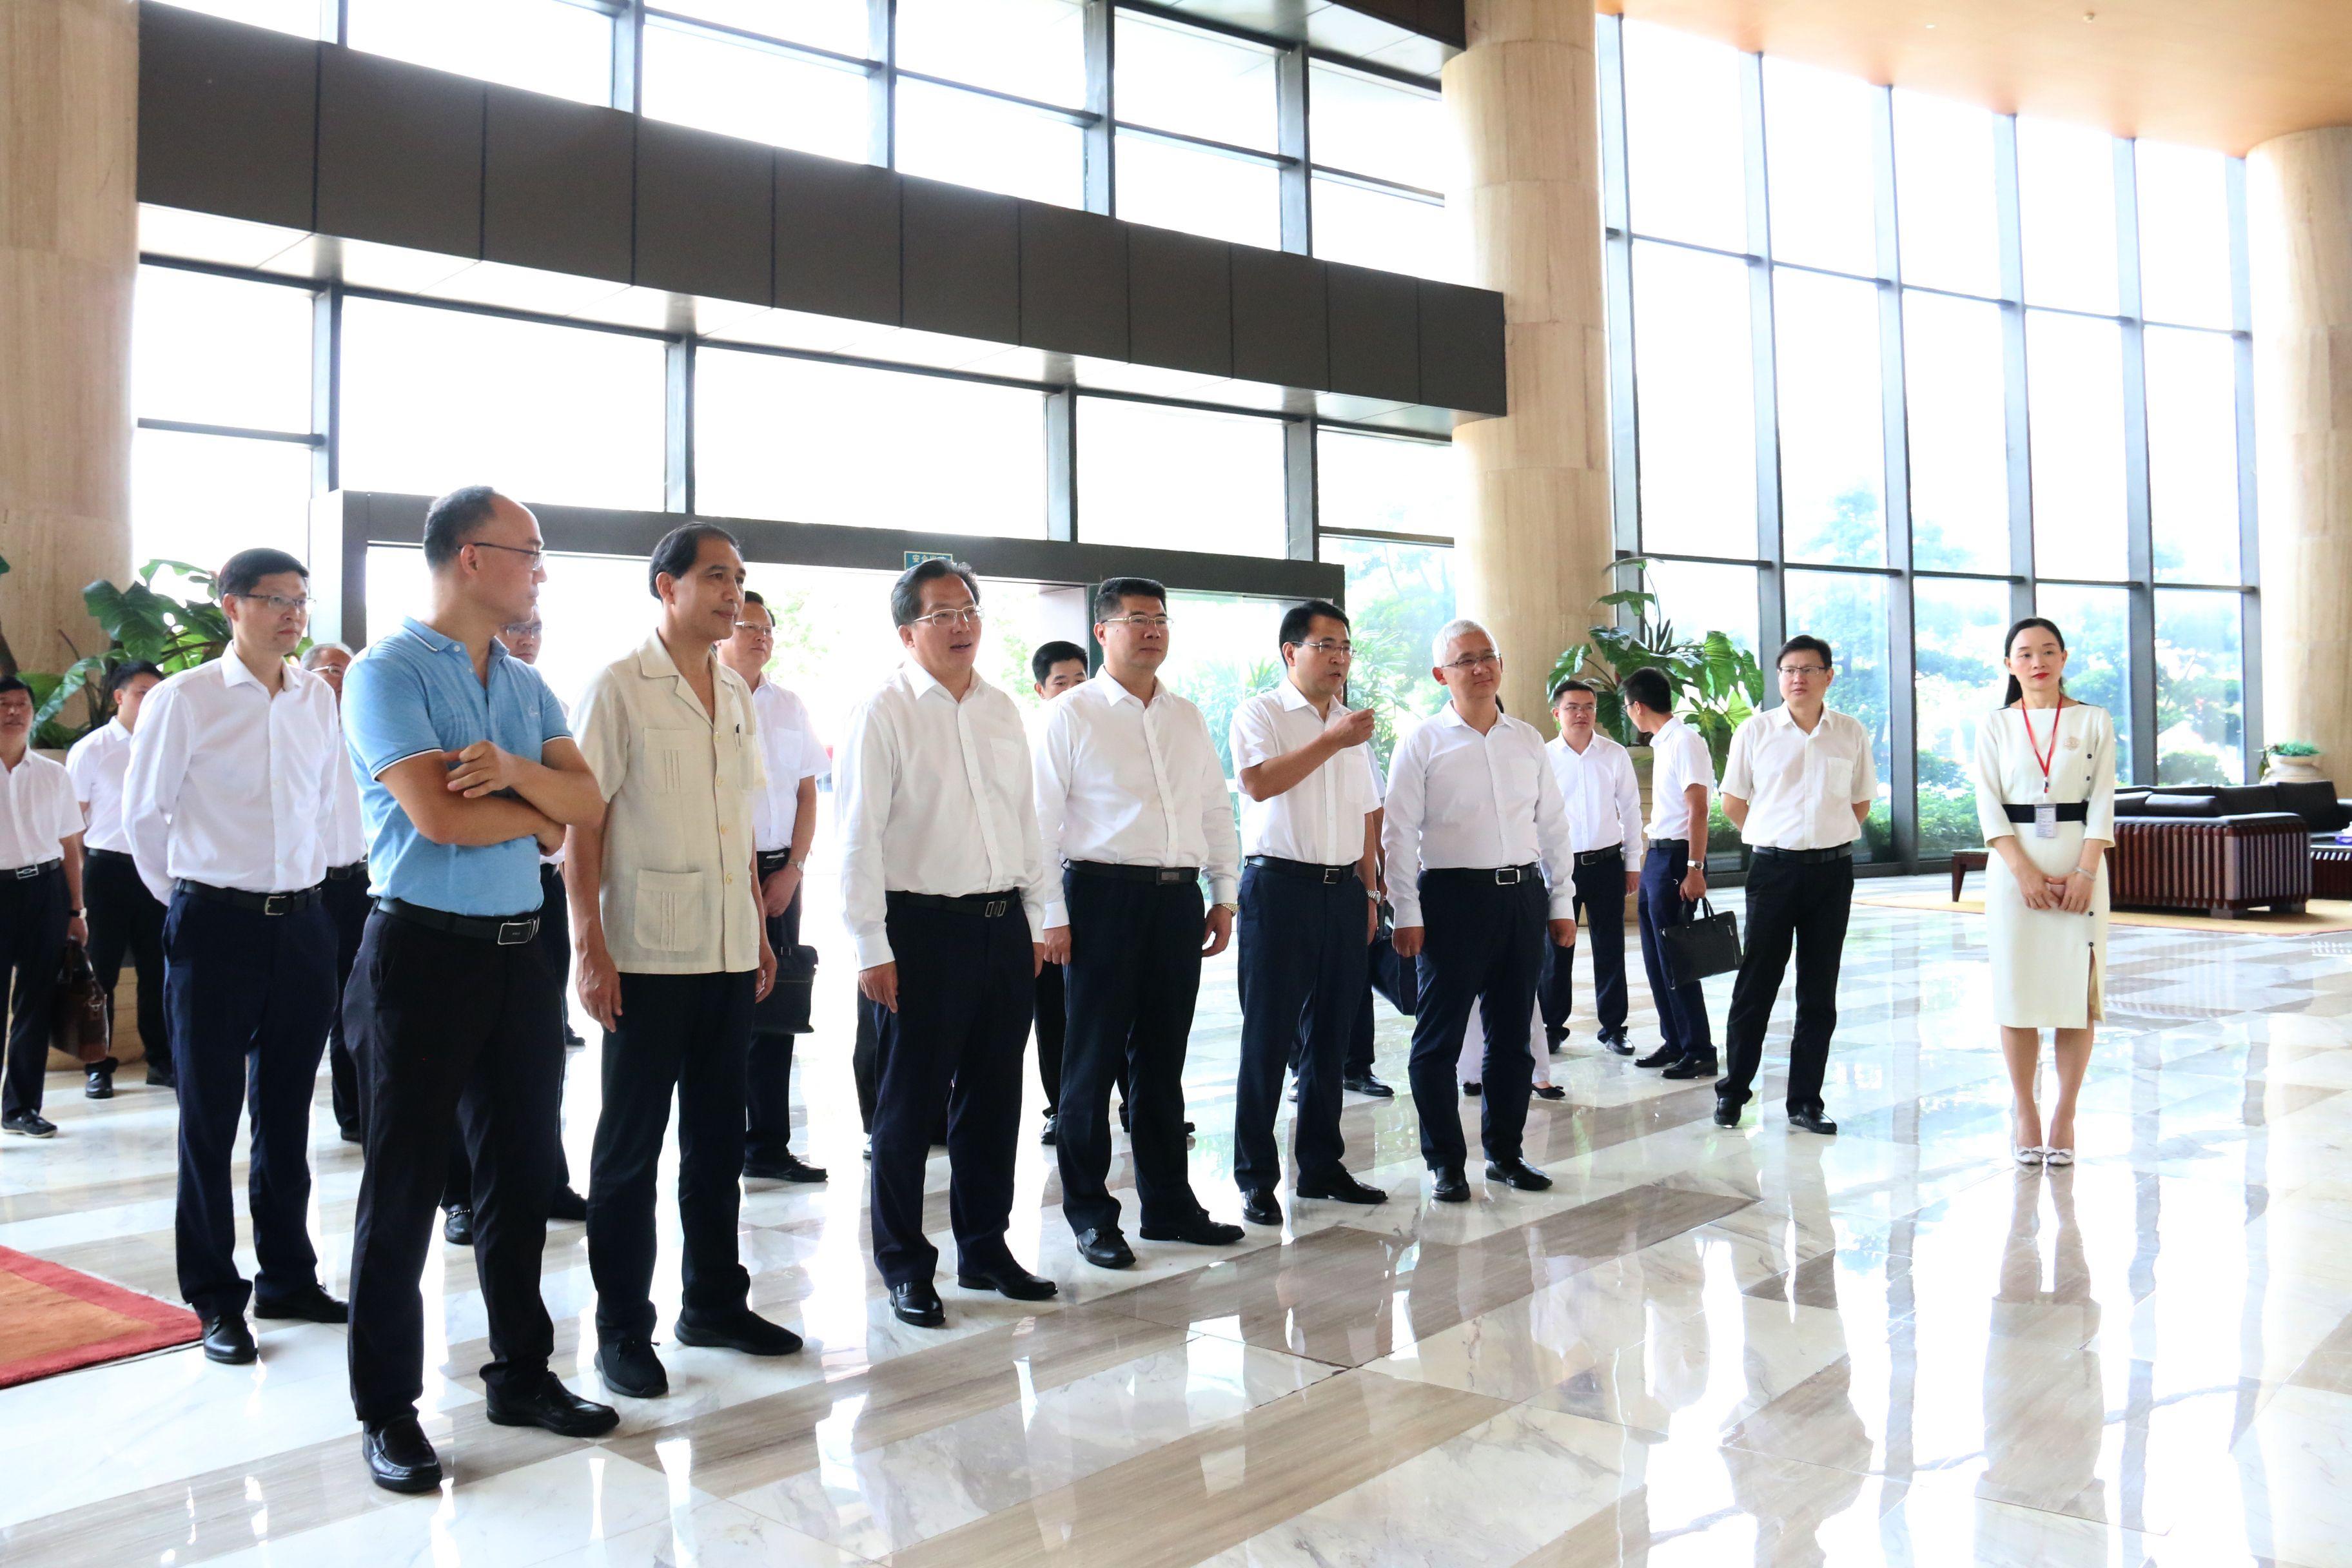 中山自贡两市调研团到访华艺,共同推进彩灯灯饰产业深度融合发展